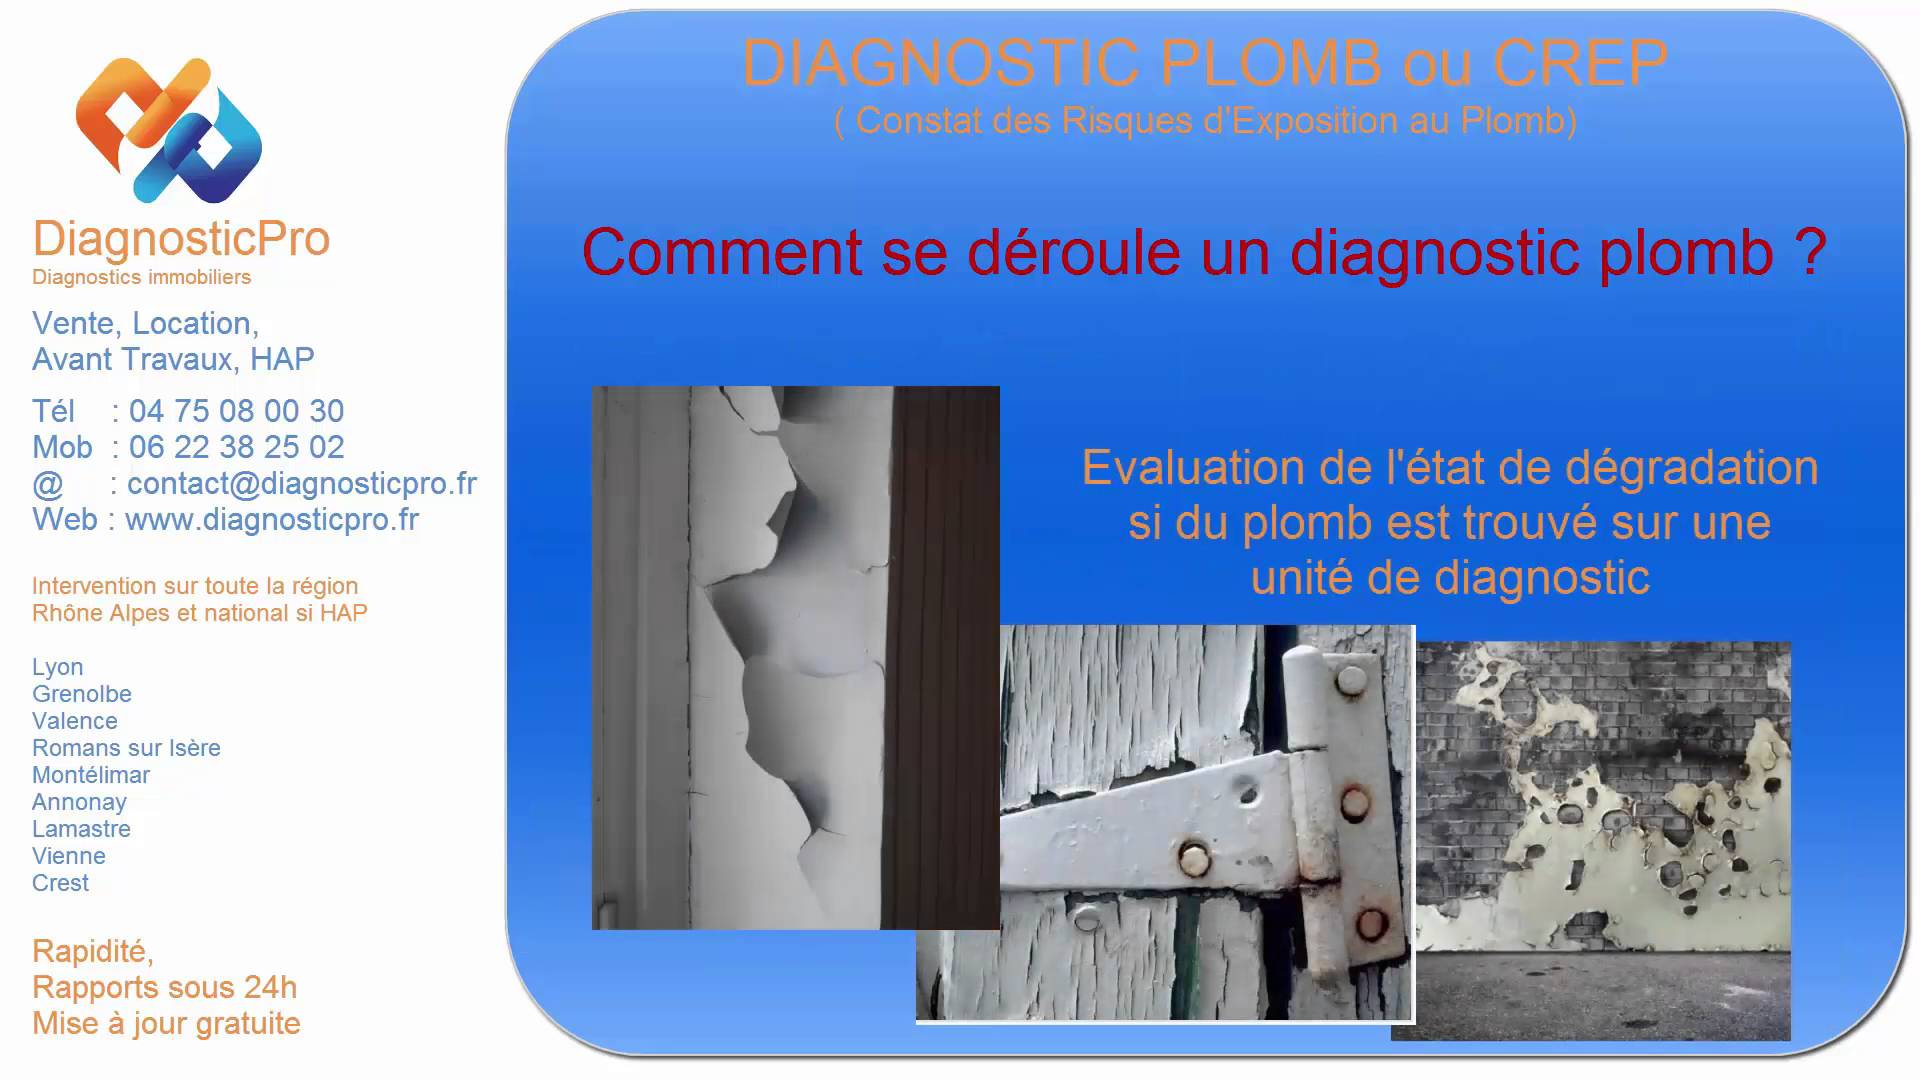 le diagnostic plomb comment se d roule un diagnostic plomb ou crep votre diagnostic immobilier. Black Bedroom Furniture Sets. Home Design Ideas